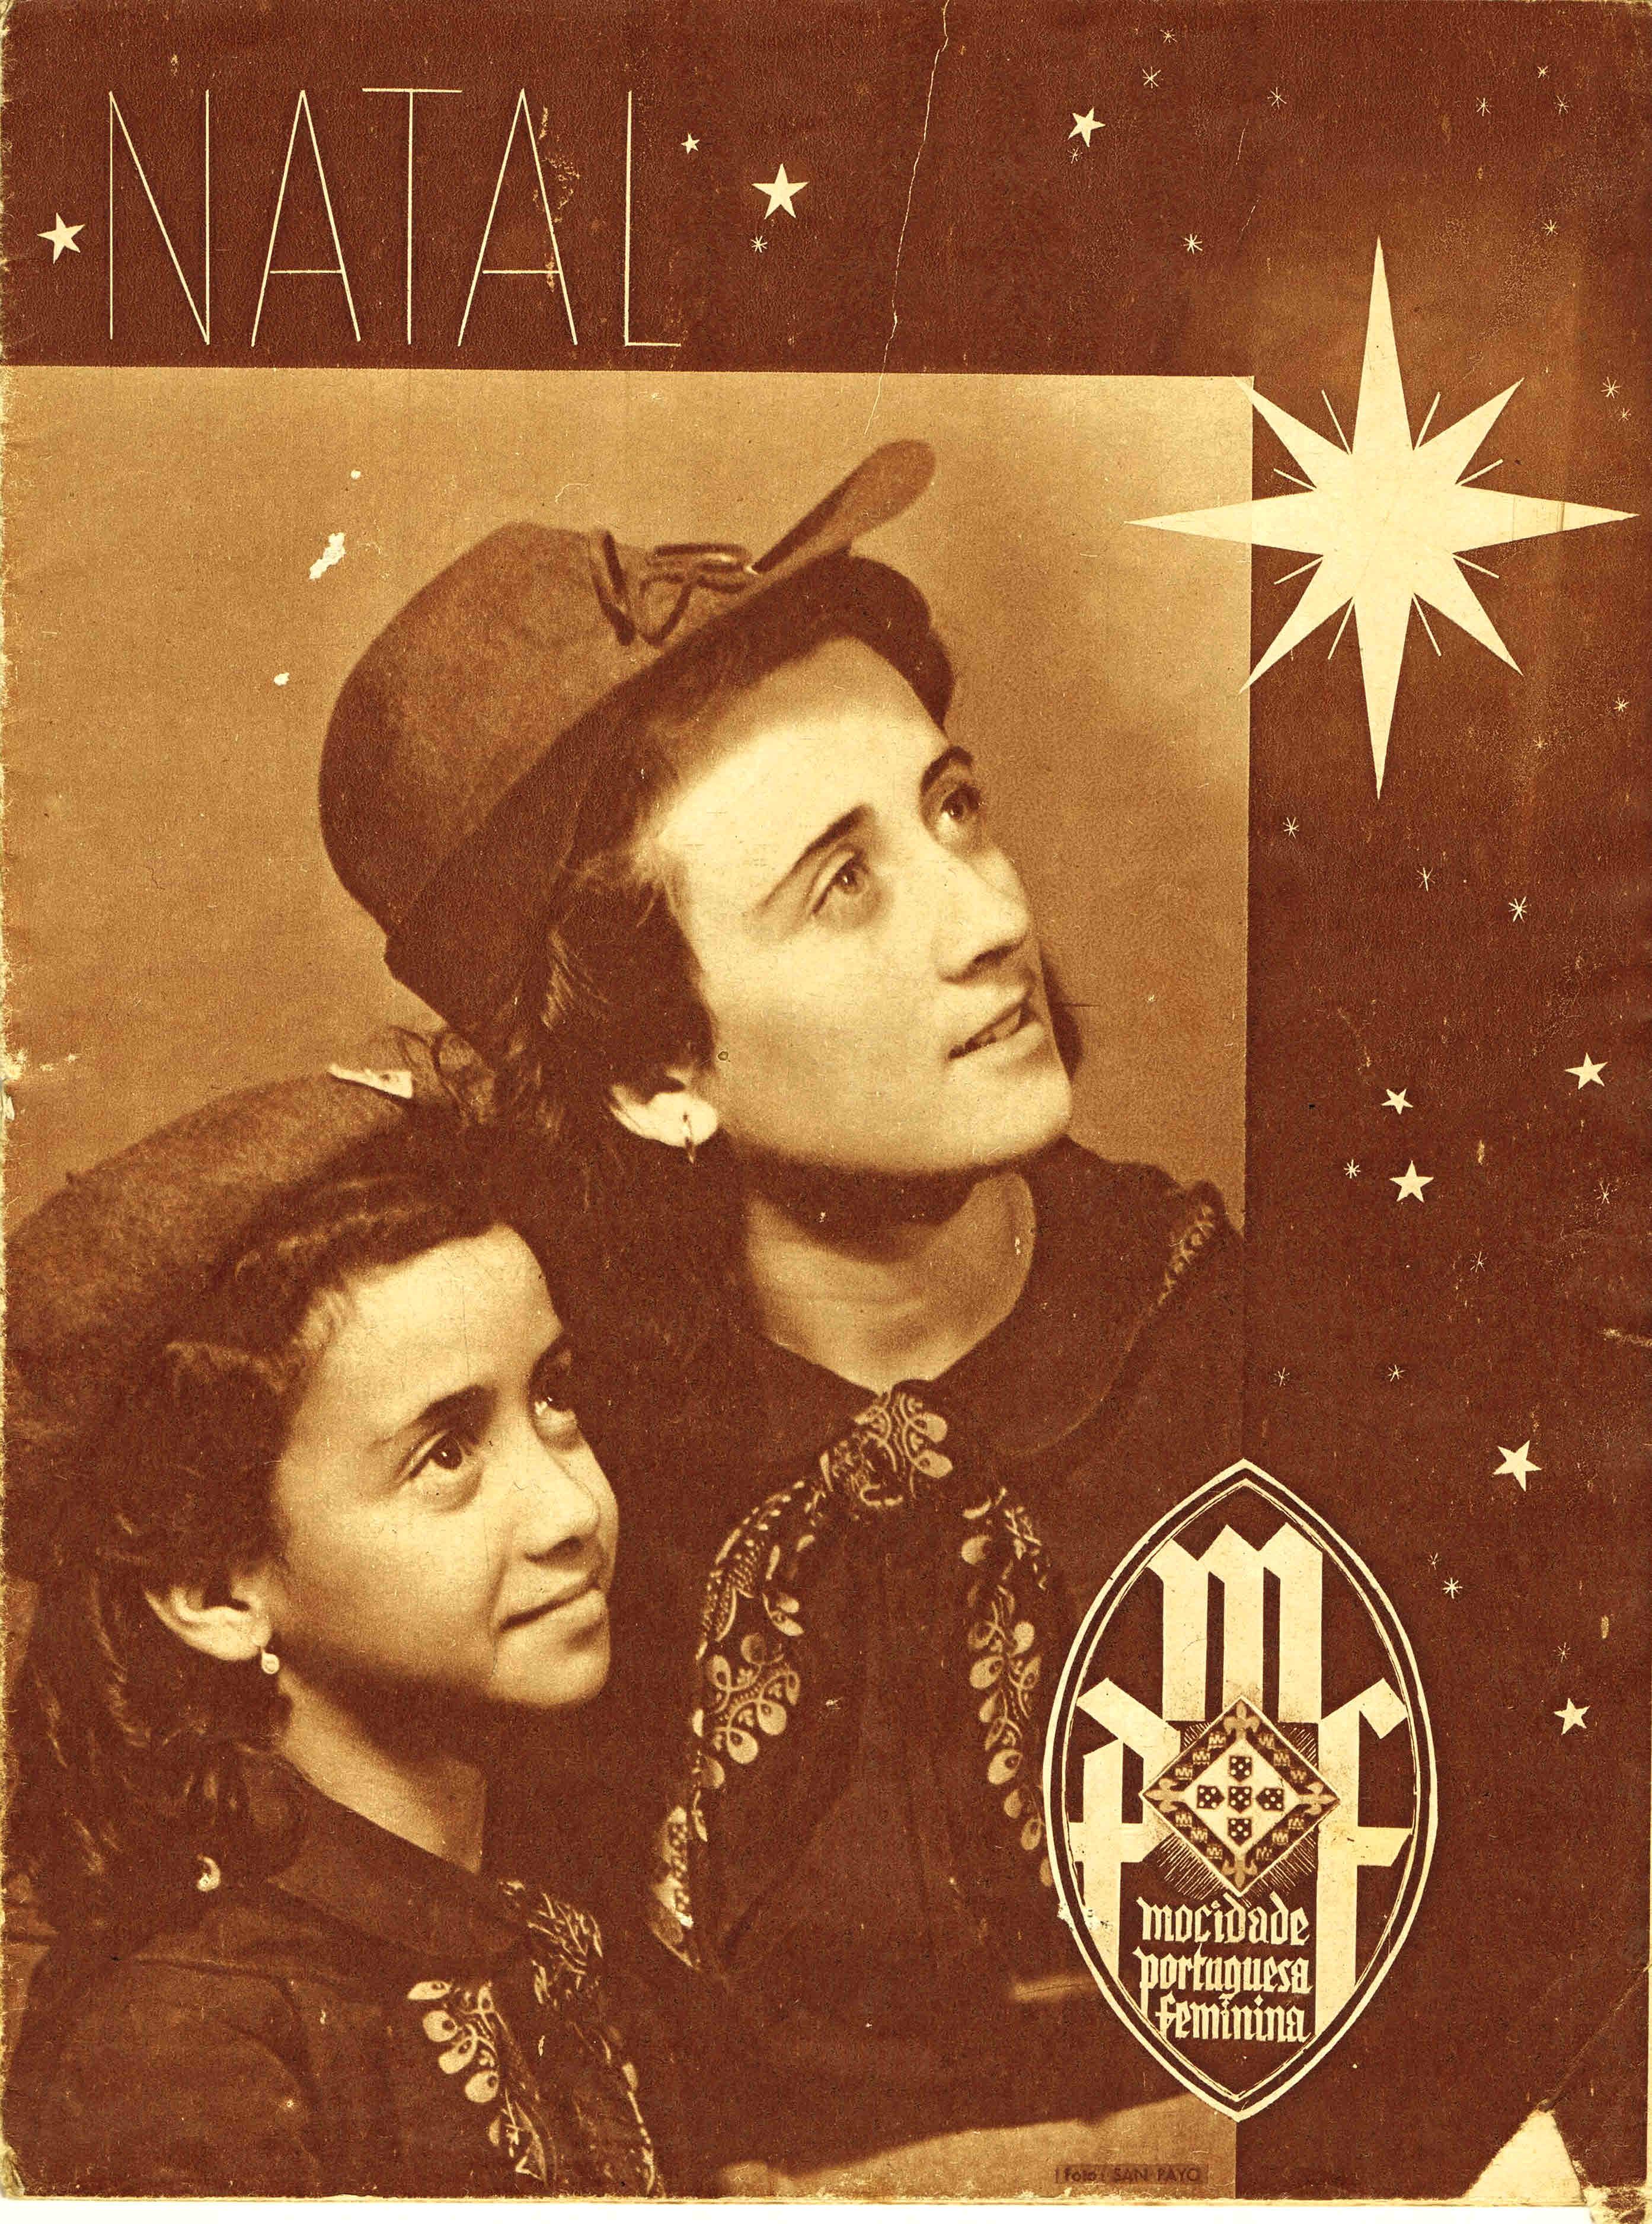 revista da mocidade portuguesa feminina nº 44